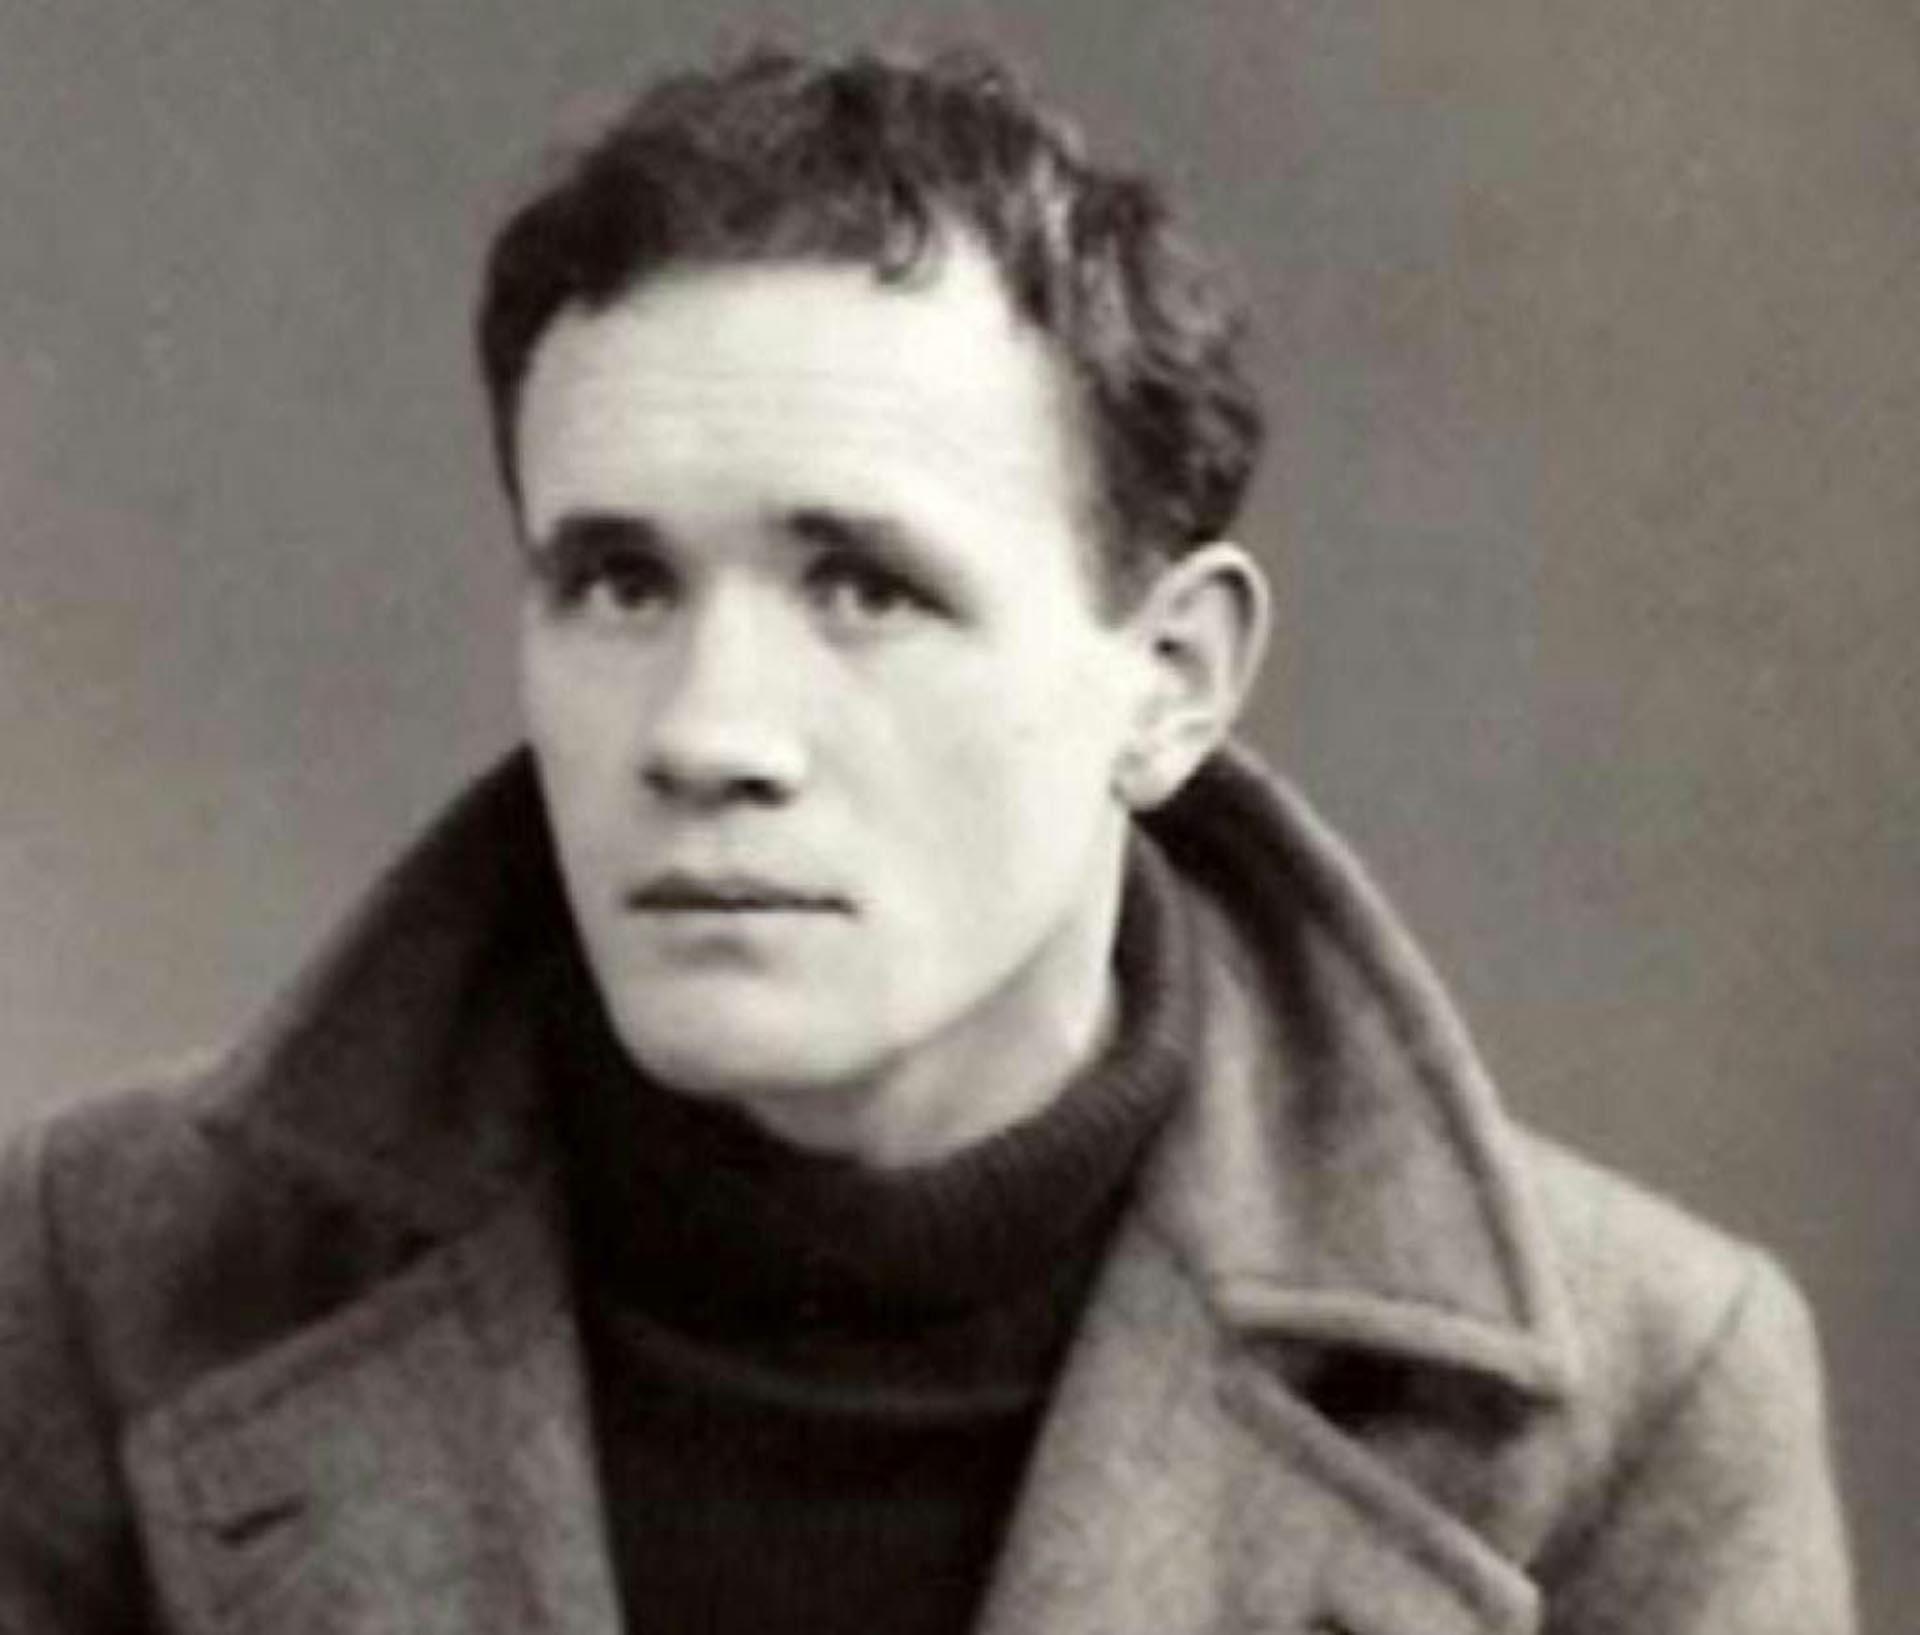 Jean Genet: hubo una vez un delincuente que se convirtió en uno de los grandes autores de todos los tiempos